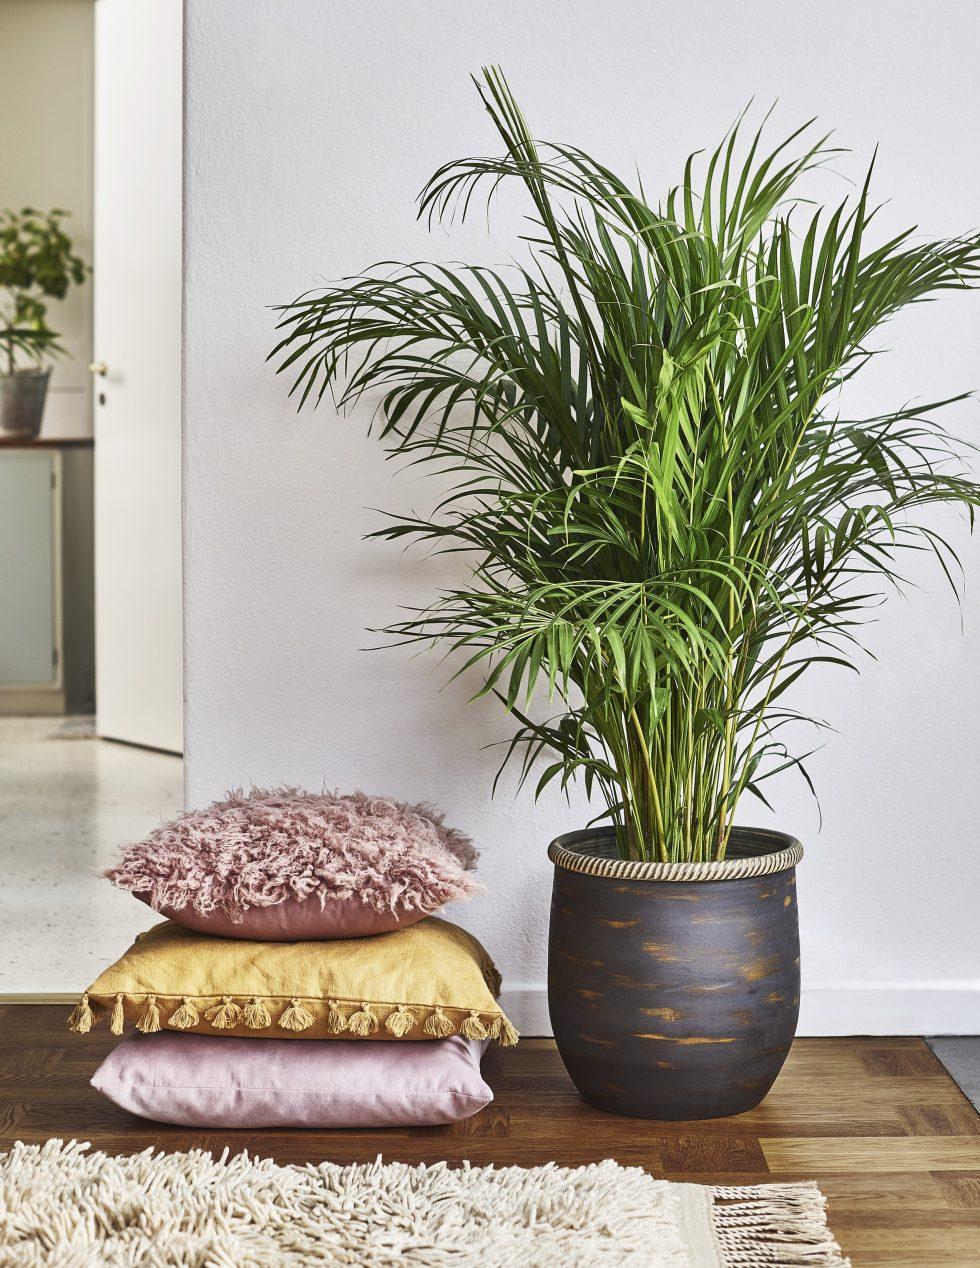 Guldpalm skapar djungelkänsla i hemmet och renar luften.